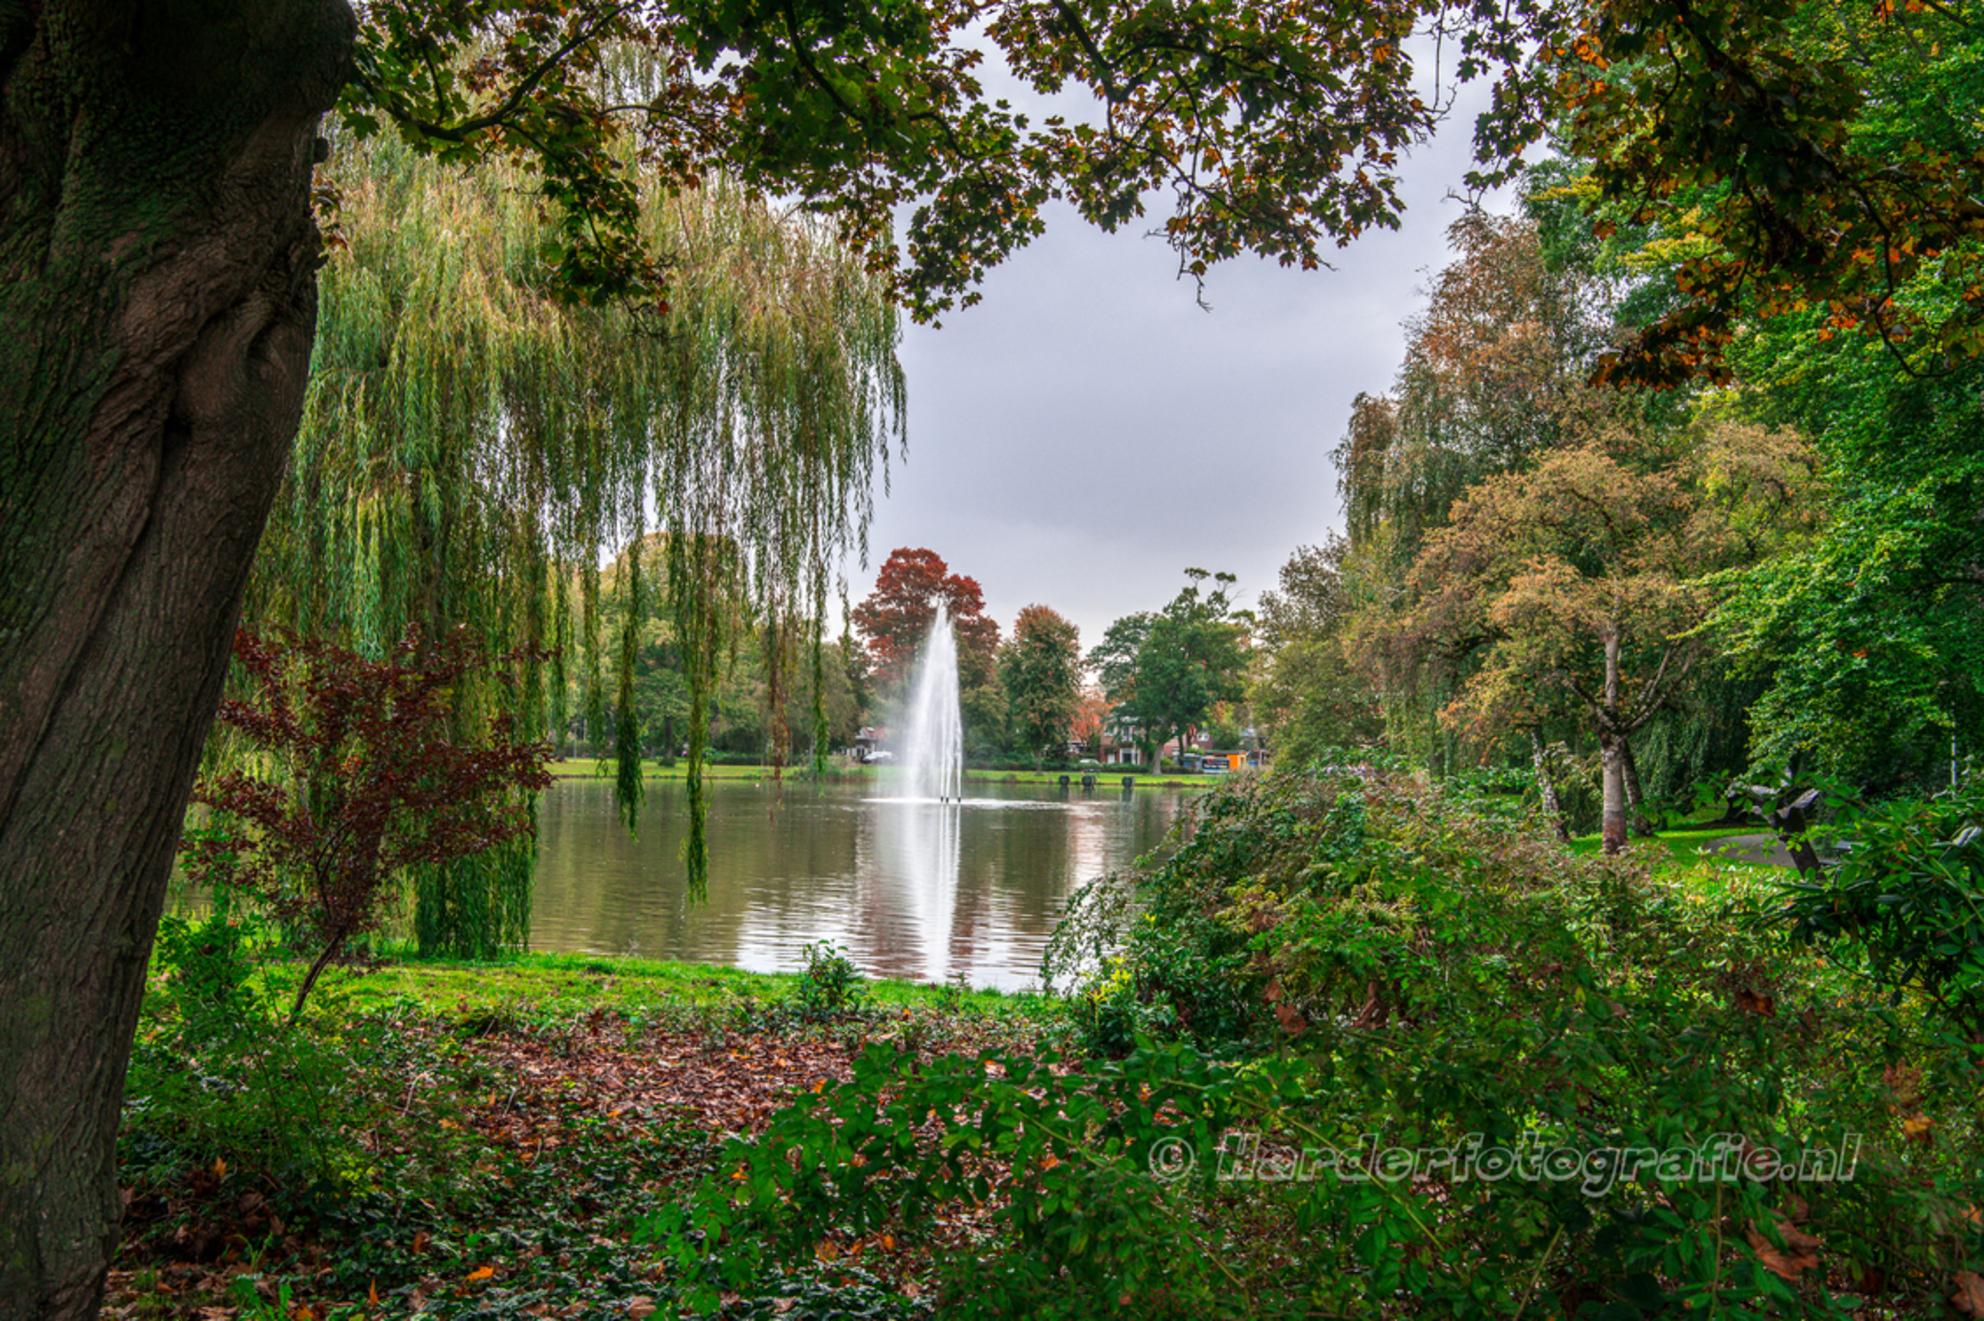 Doorkijkje in het Wilhelminapark - Doorkijkje in het Wilhelminapark te Meppel. De herfstkleuren geven sfeer aan de plaat. - foto door deharder op 13-10-2019 - deze foto bevat: boom, park, herfst, blad, doorkijk, meppel, deharder